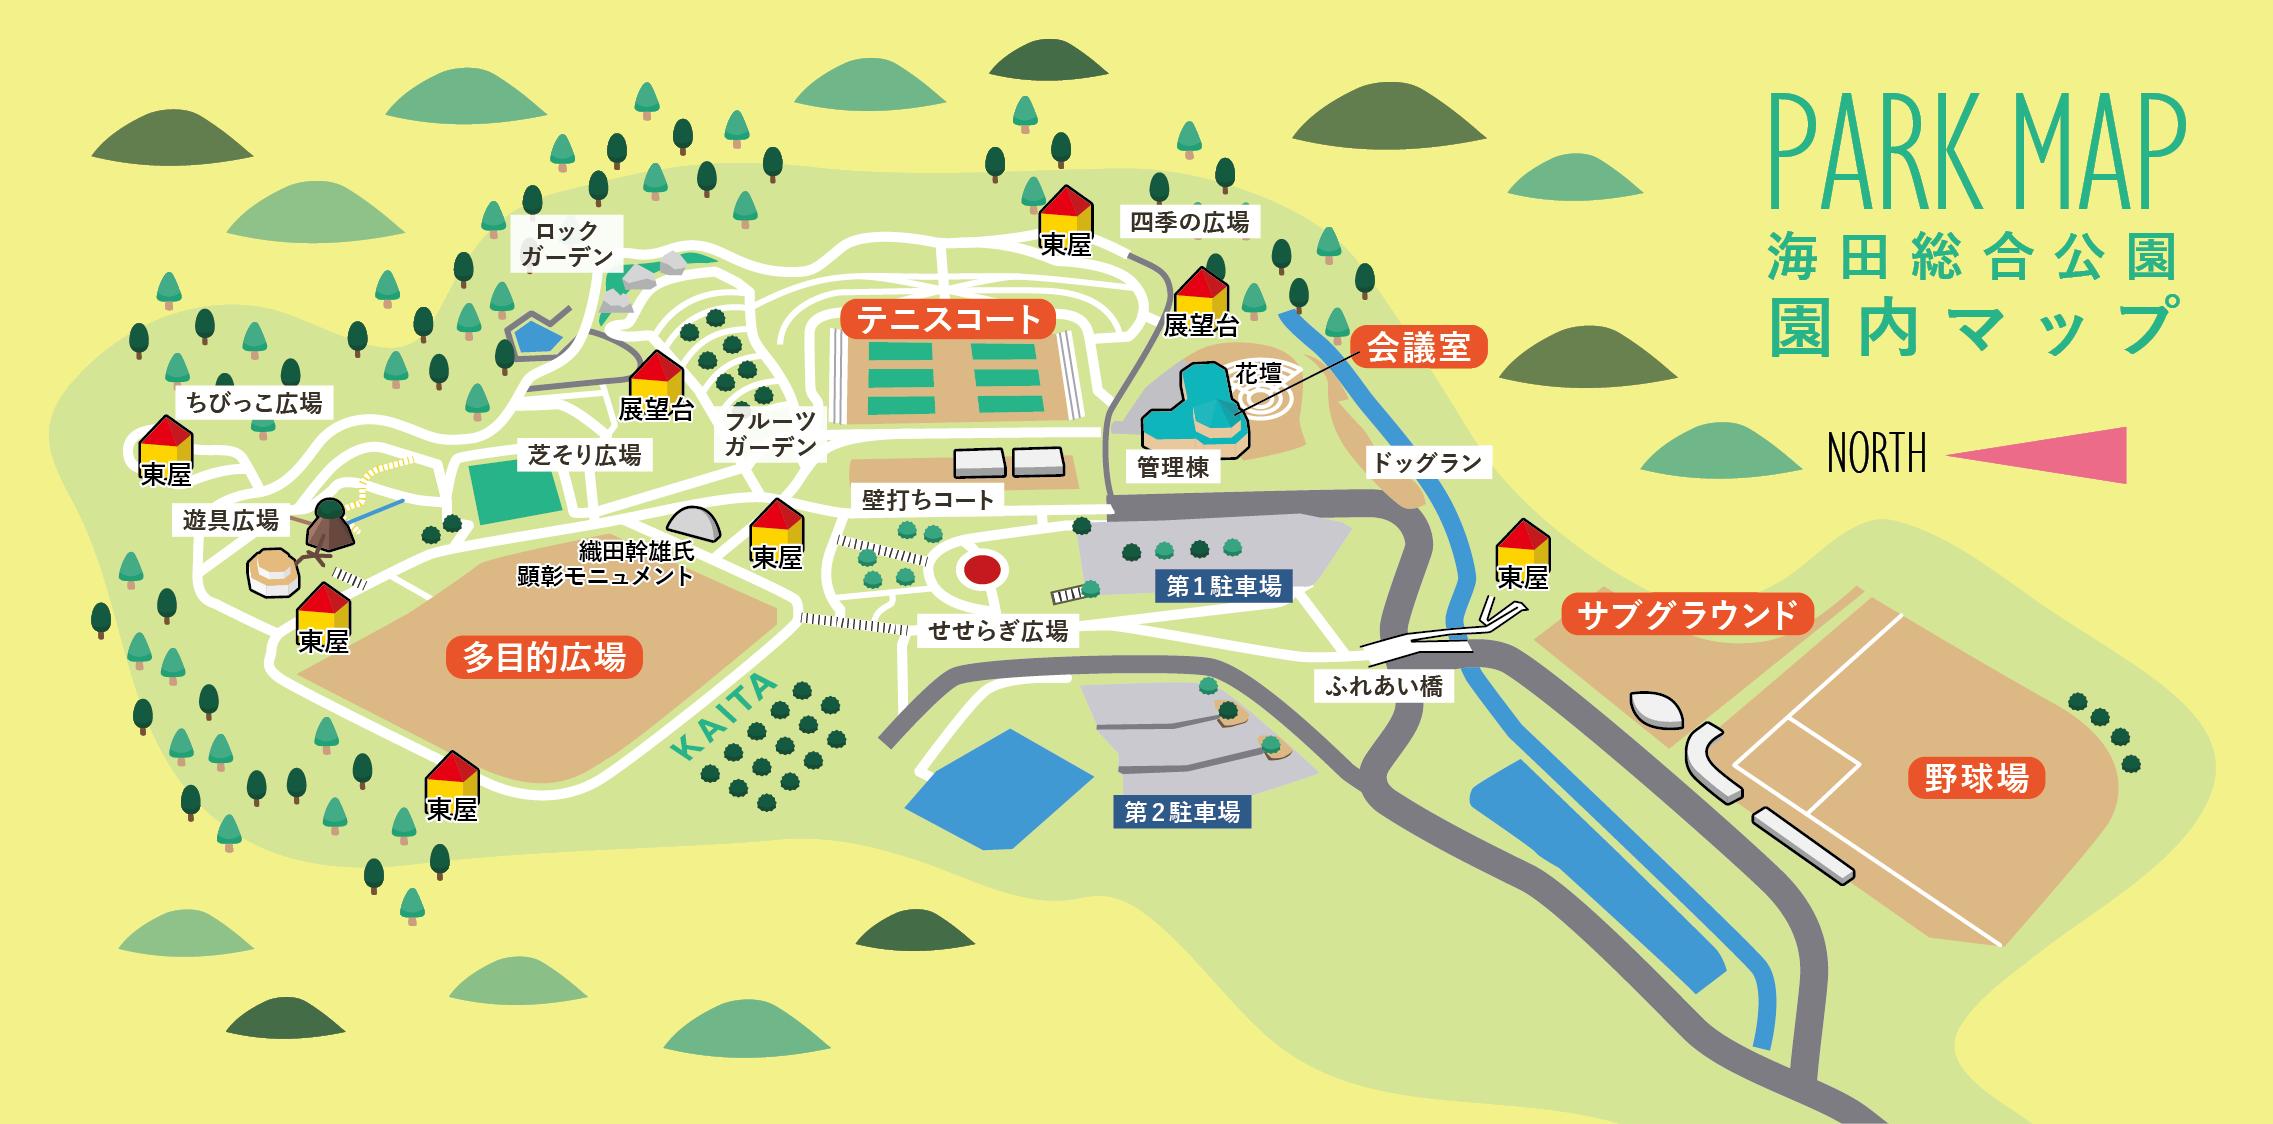 海田総合公園園内マップ